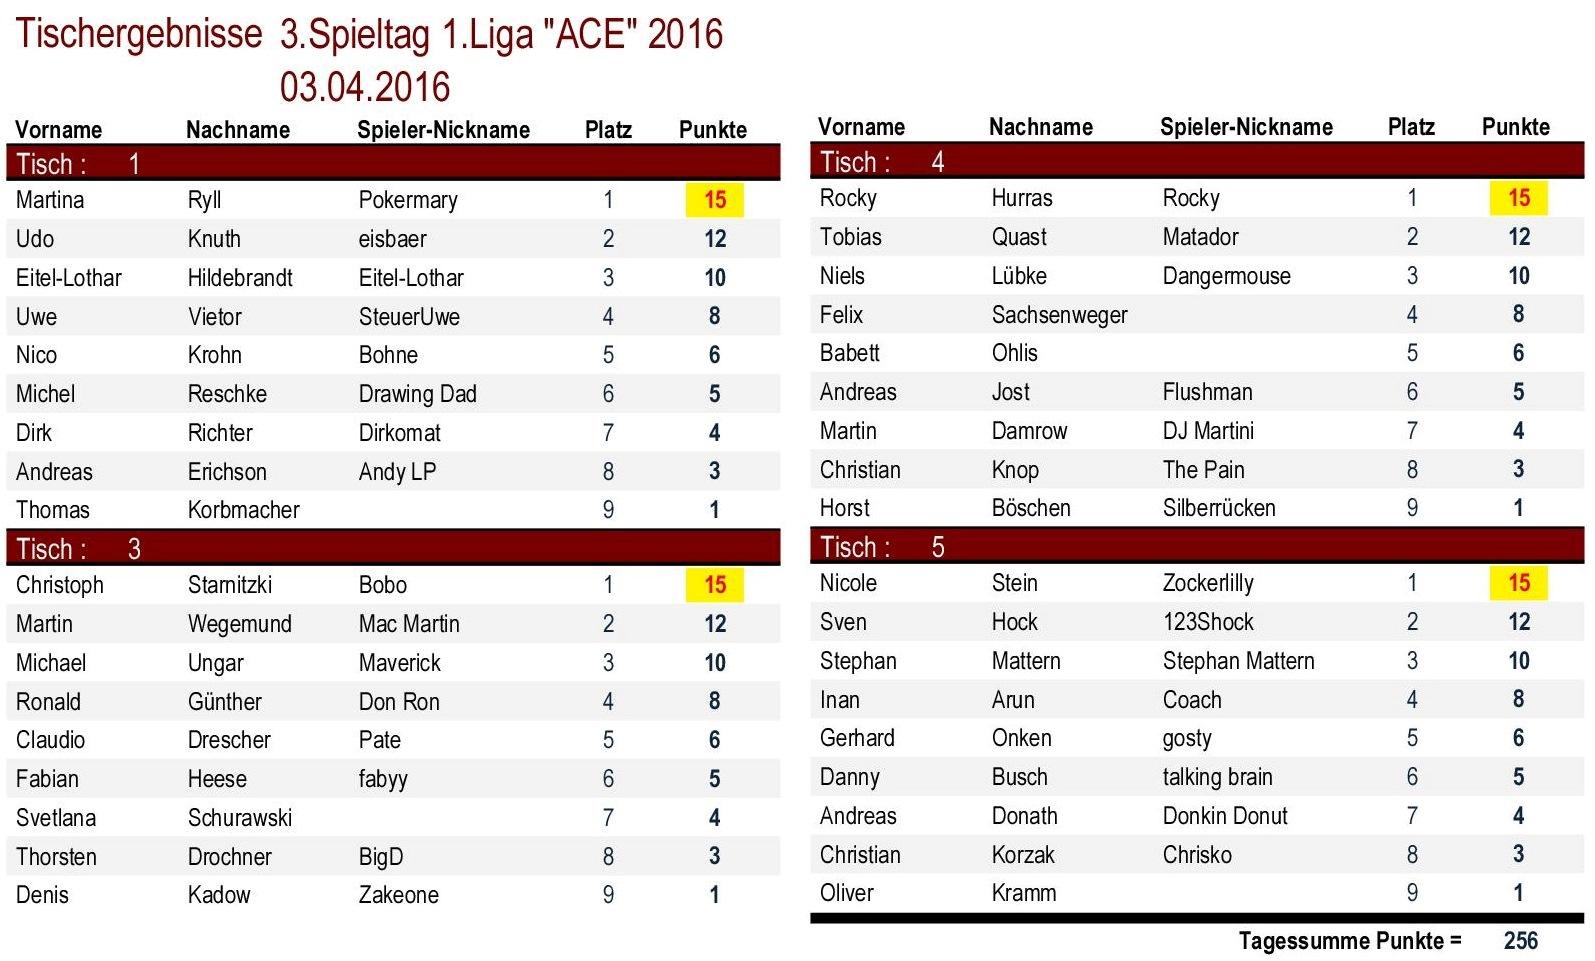 Tischergebnisse 1.Liga `ACE` 3.Spieltag 2016